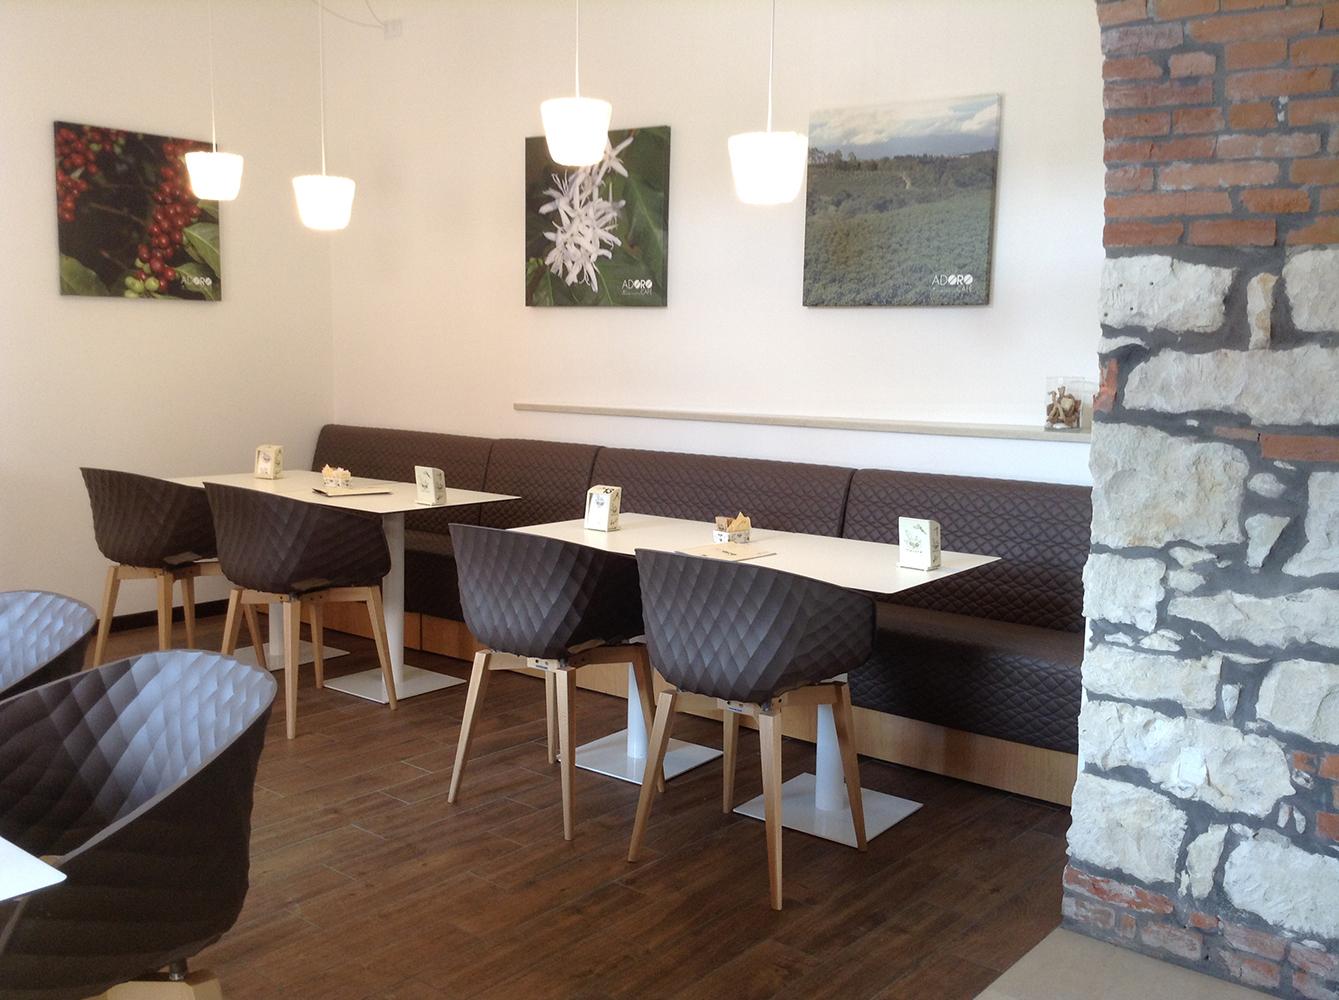 Panca Modulare Space per arredare bar pub e ristorati